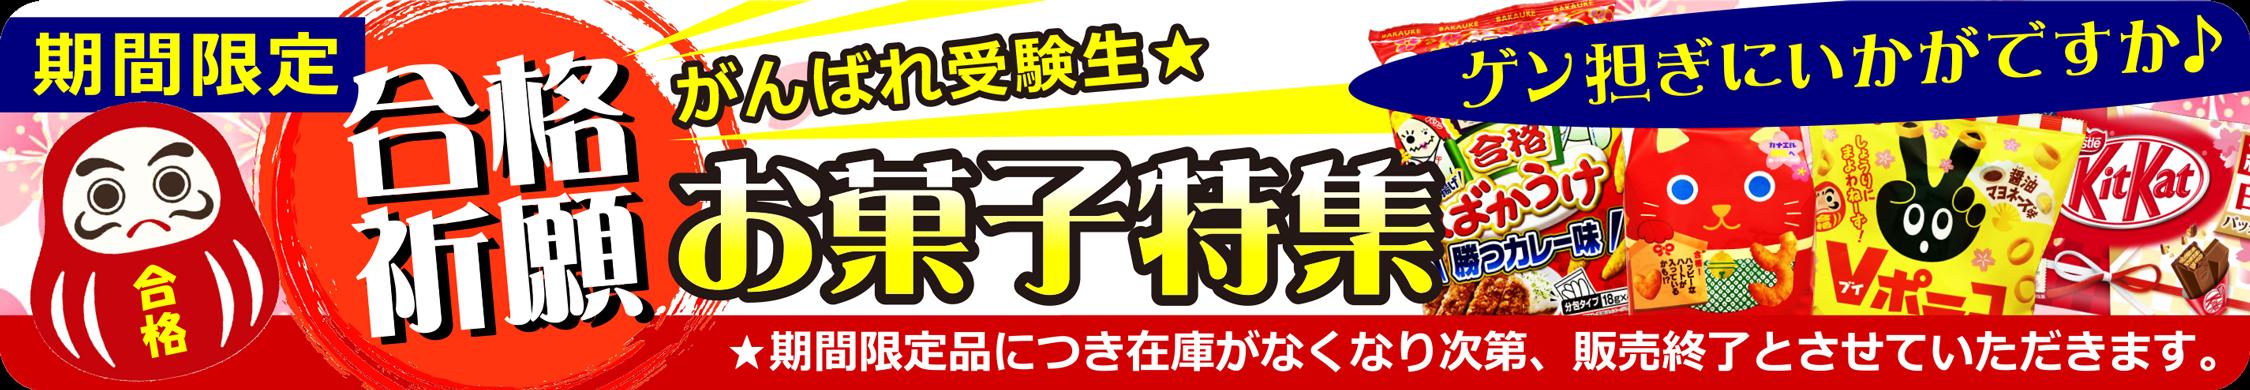 がんばれ受験生☆合格祈願お菓子特集